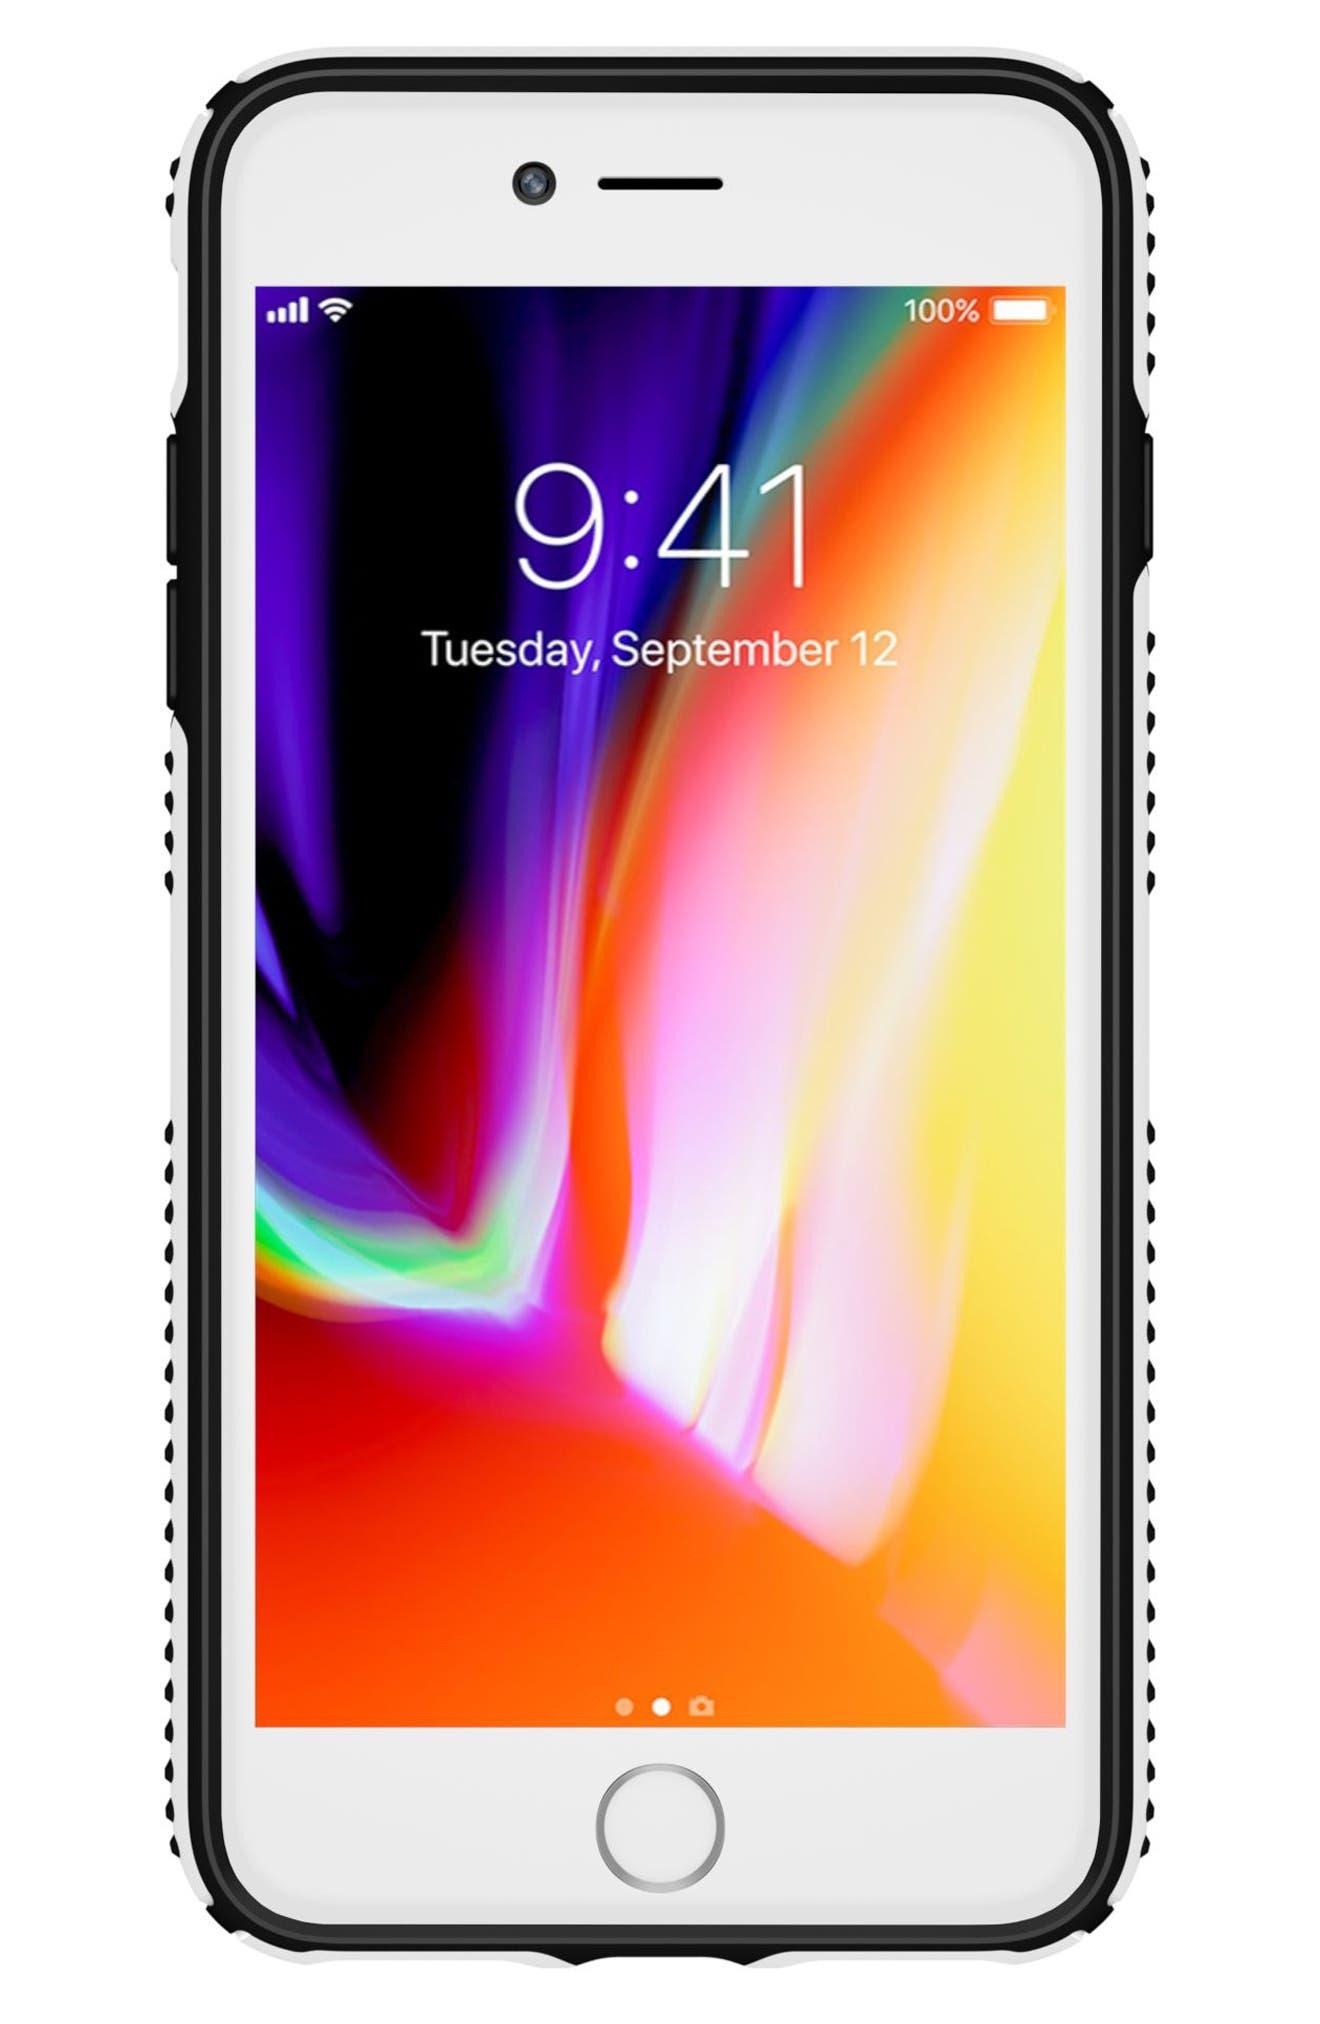 Grip iPhone 6/6s/7/8 Plus Case,                             Alternate thumbnail 3, color,